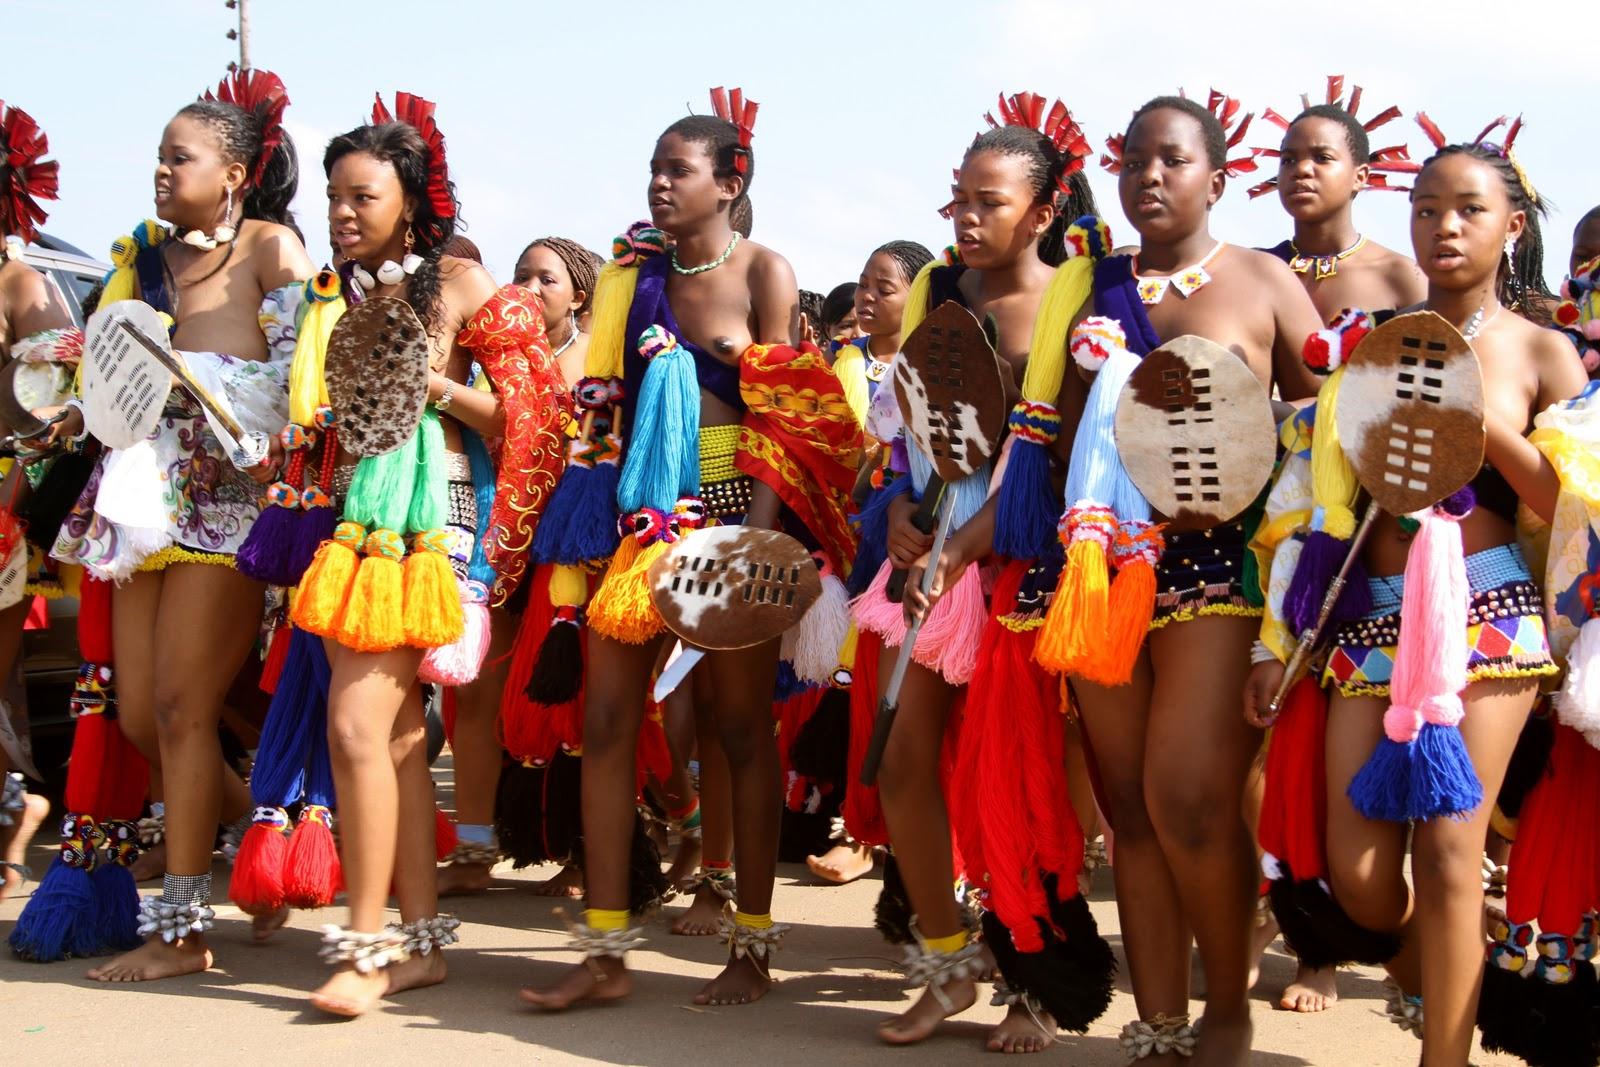 Topless african zulu dance - 3 7